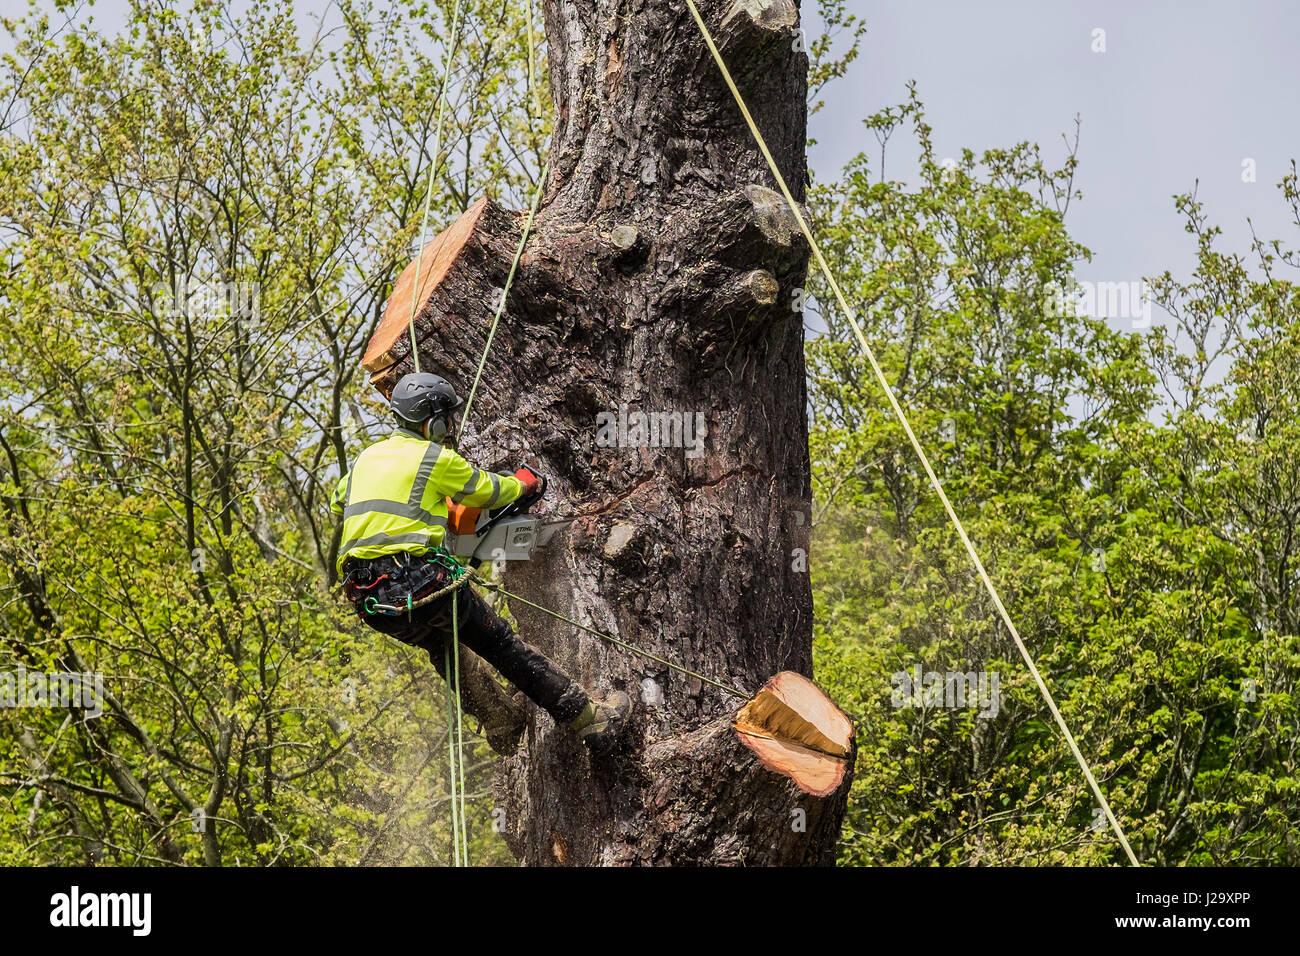 Tree Surgeon cutting down tree Arboricultura Arboriculturist ocupación peligrosa en altura utilizando una sierra Imagen De Stock